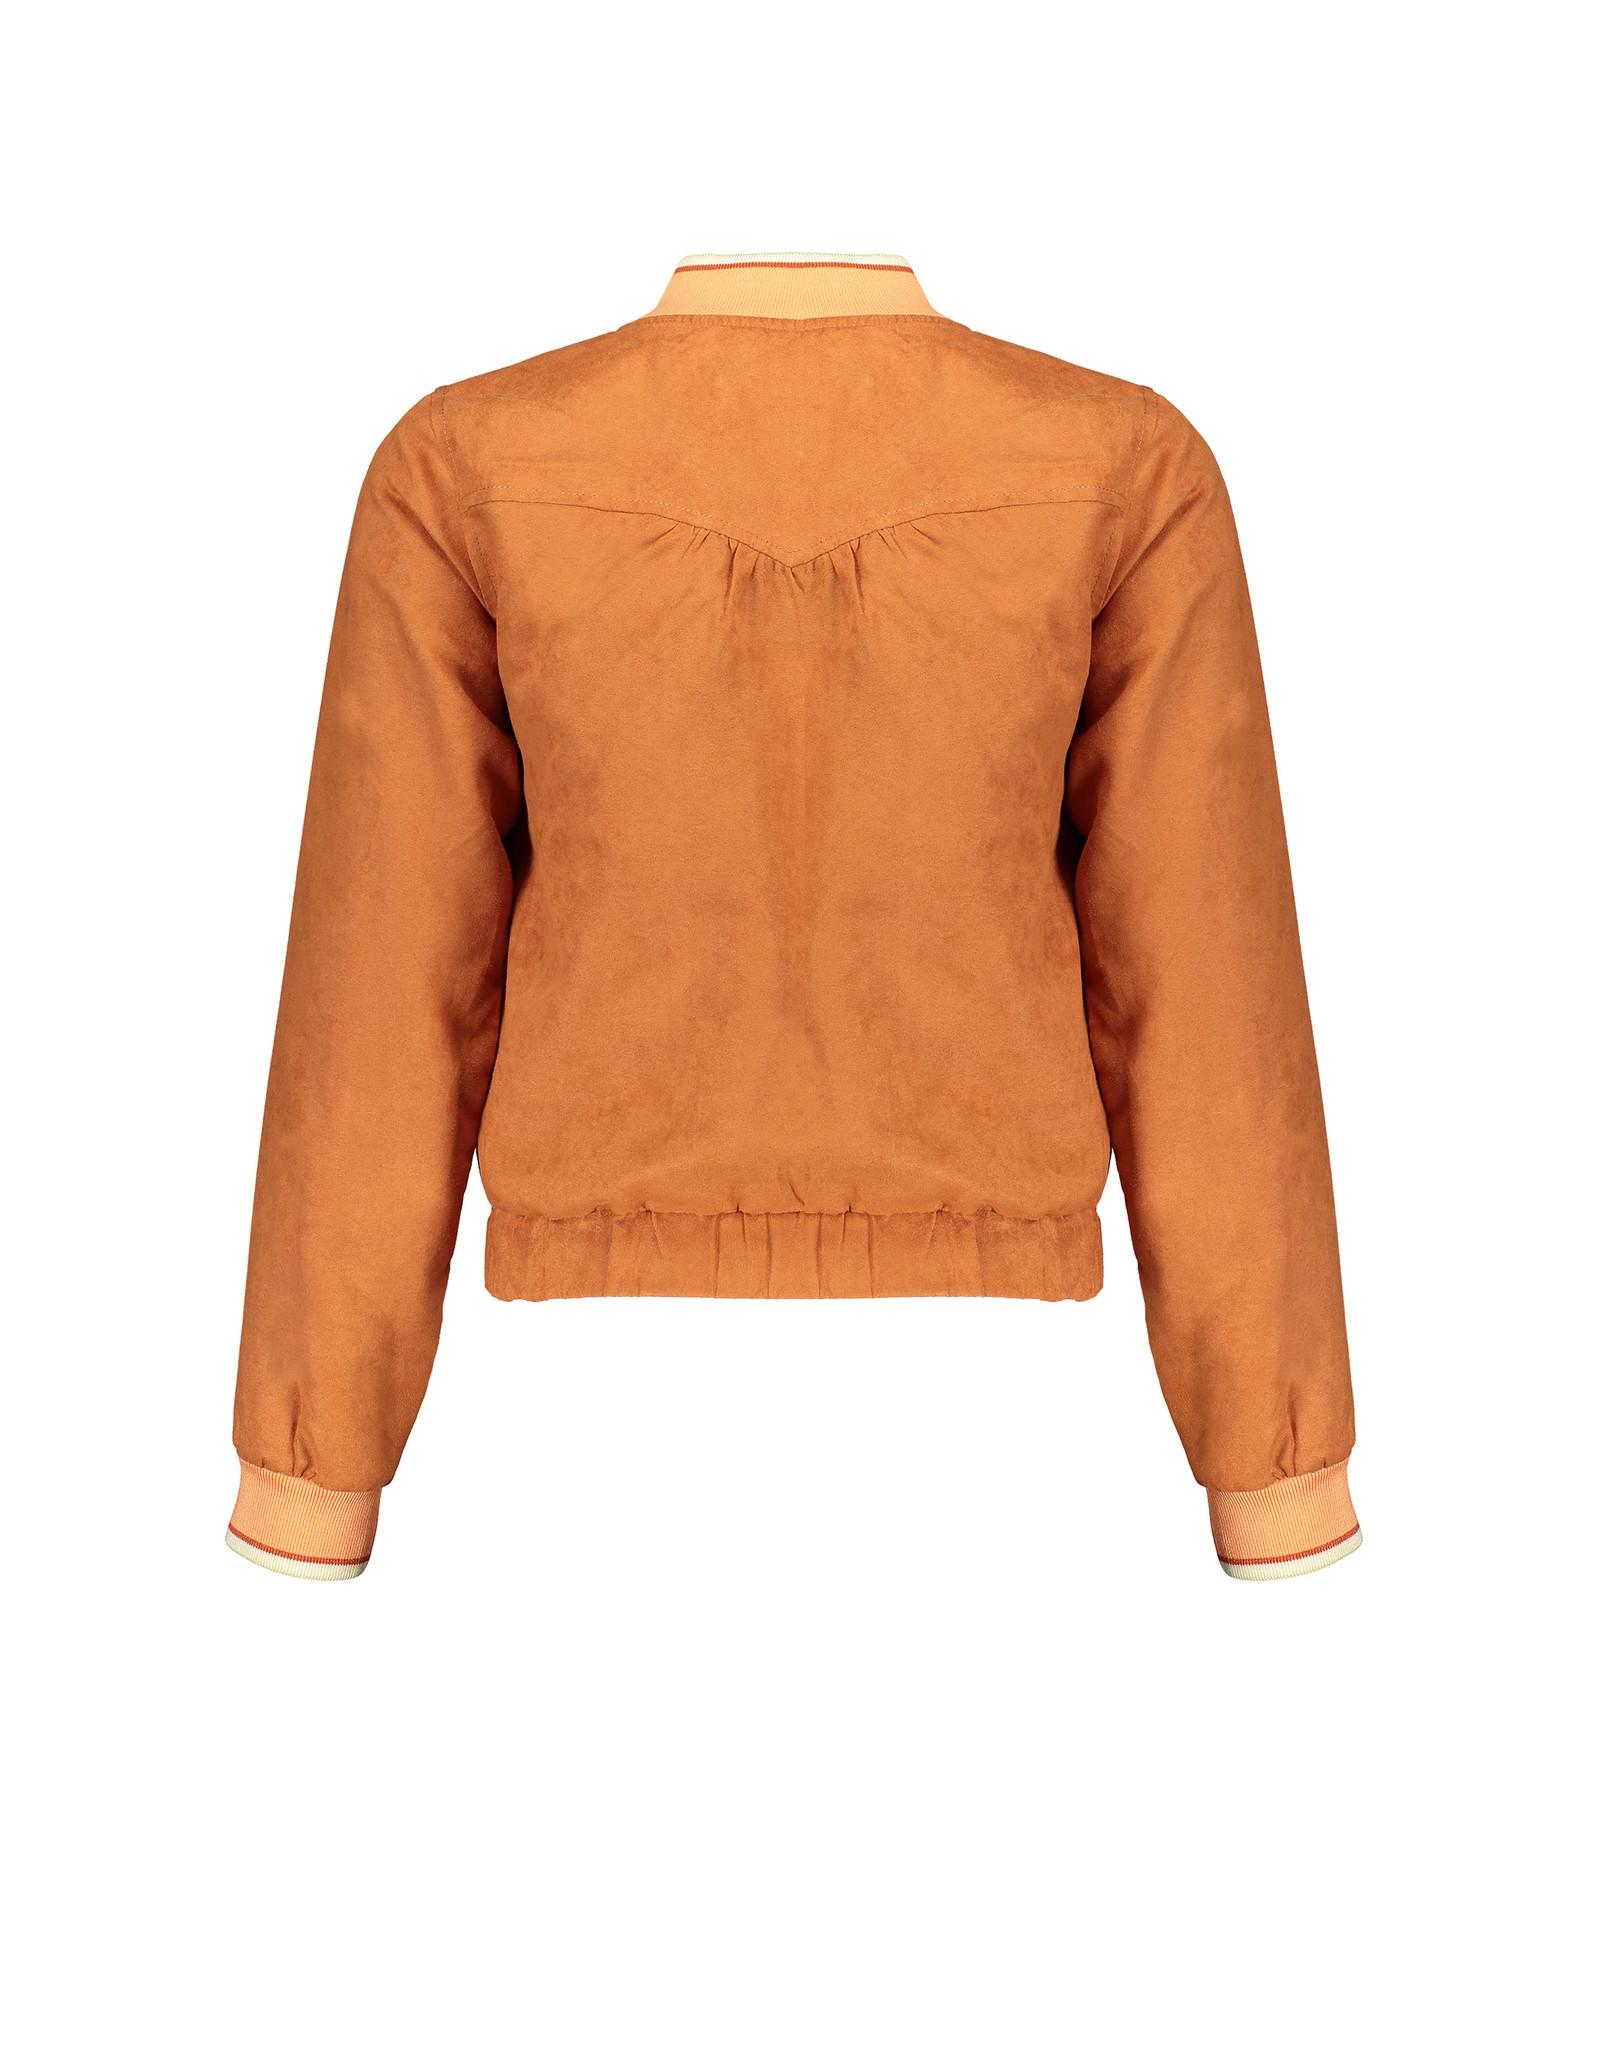 Nobell' Reversible cardigan jas in suede en print